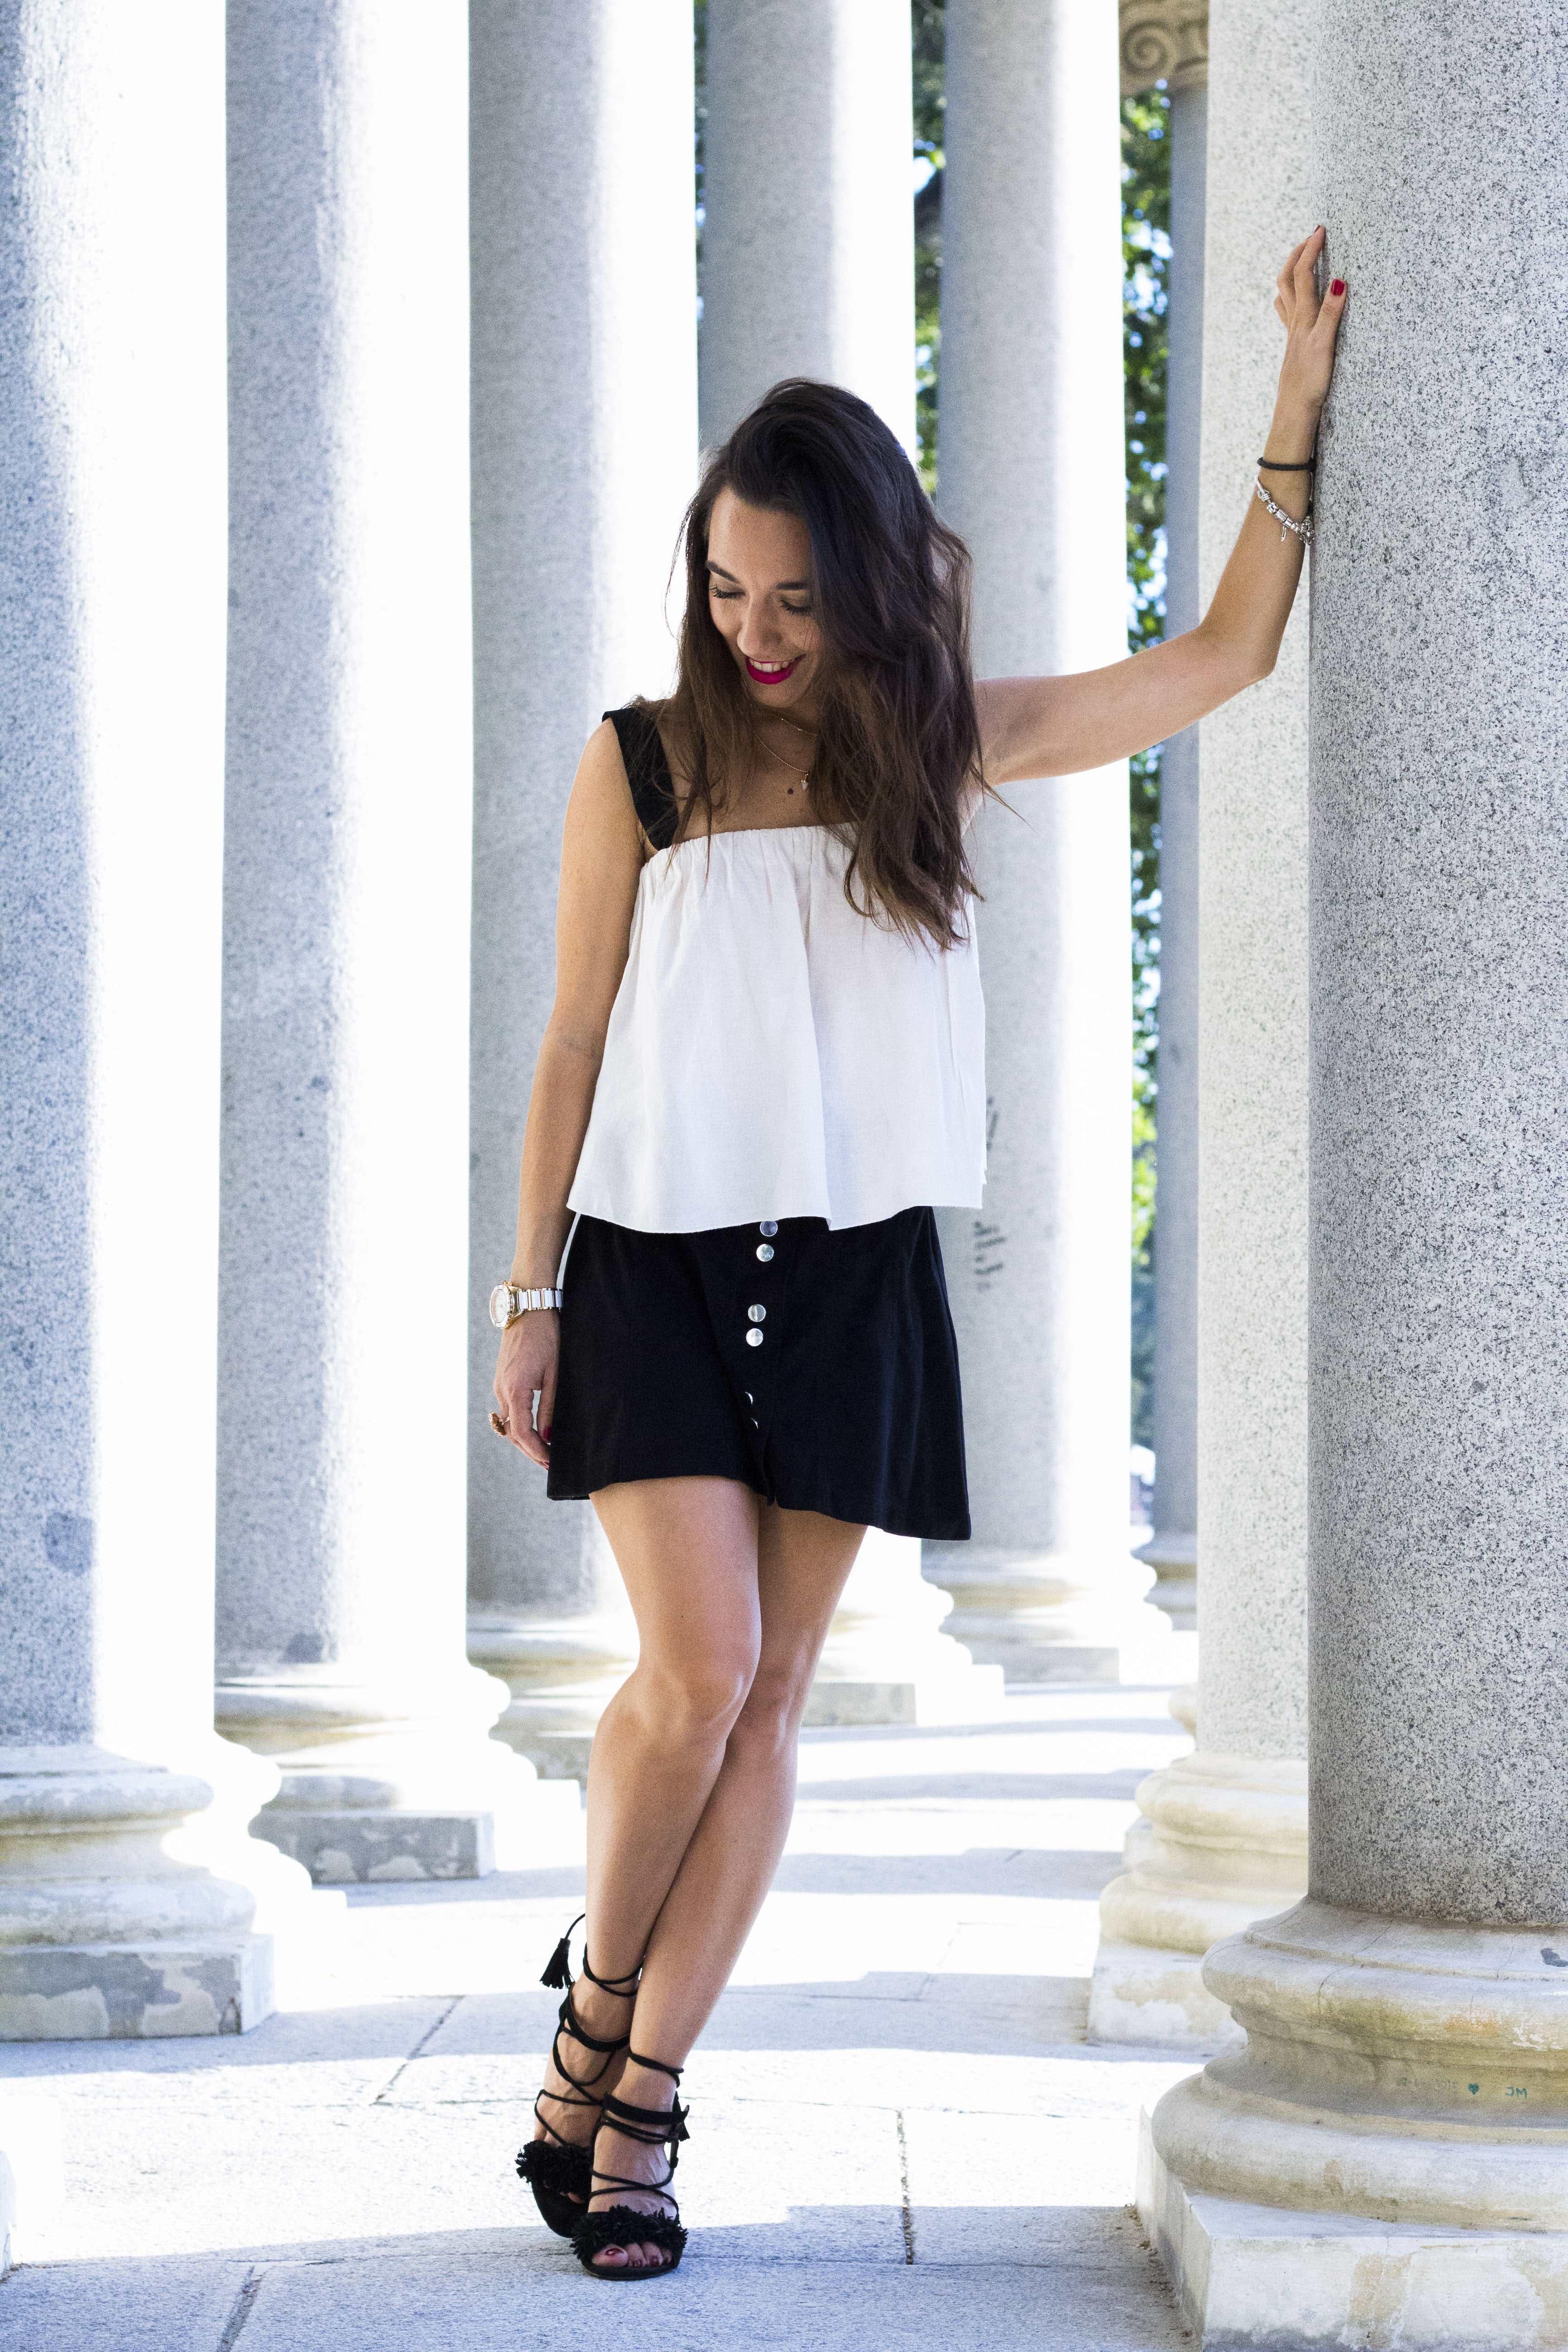 blusa_blanca-falda_negra-top_blanco_y_negro-Topknot-sandalias_con_flecos-black_look-summer-summer_look-lessismoreblog